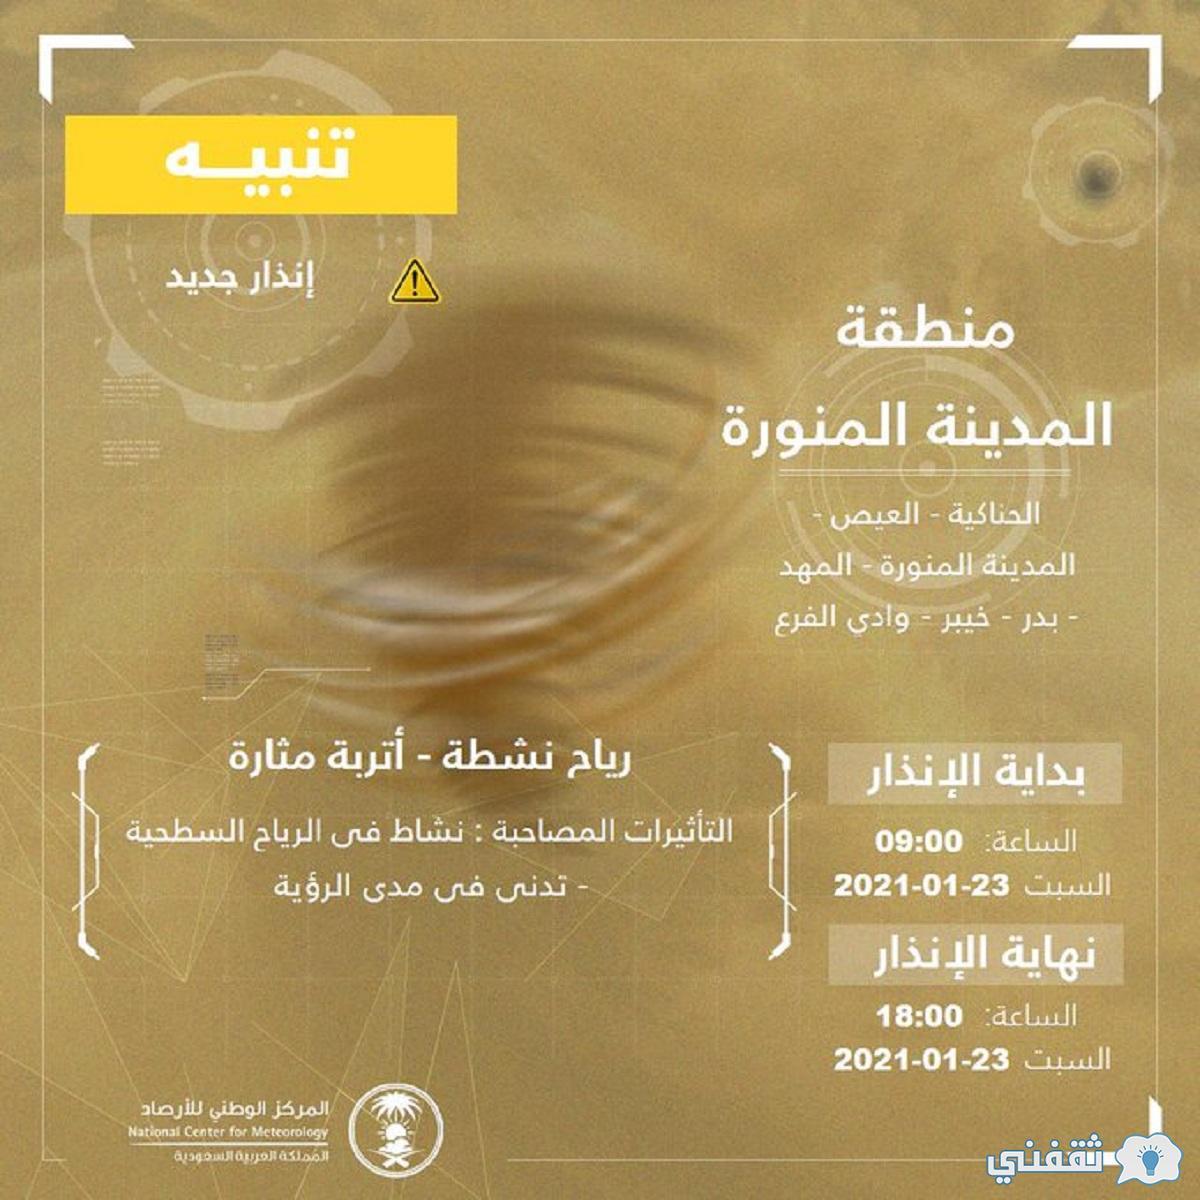 حالة الطقس في السعودية(1)